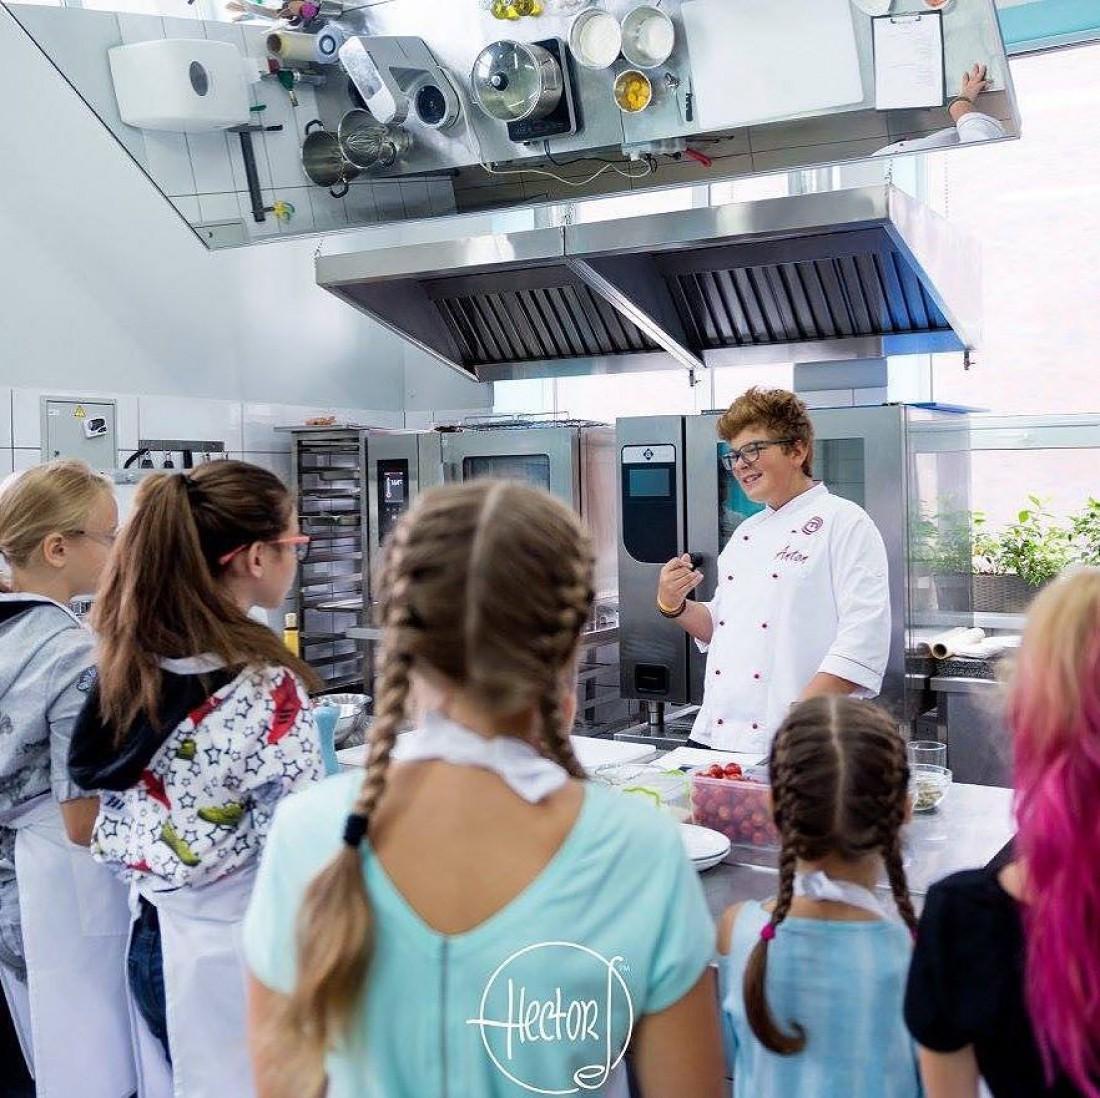 Антон проводит мастер-класс в кулинарной школе Эктора Хименес-Браво